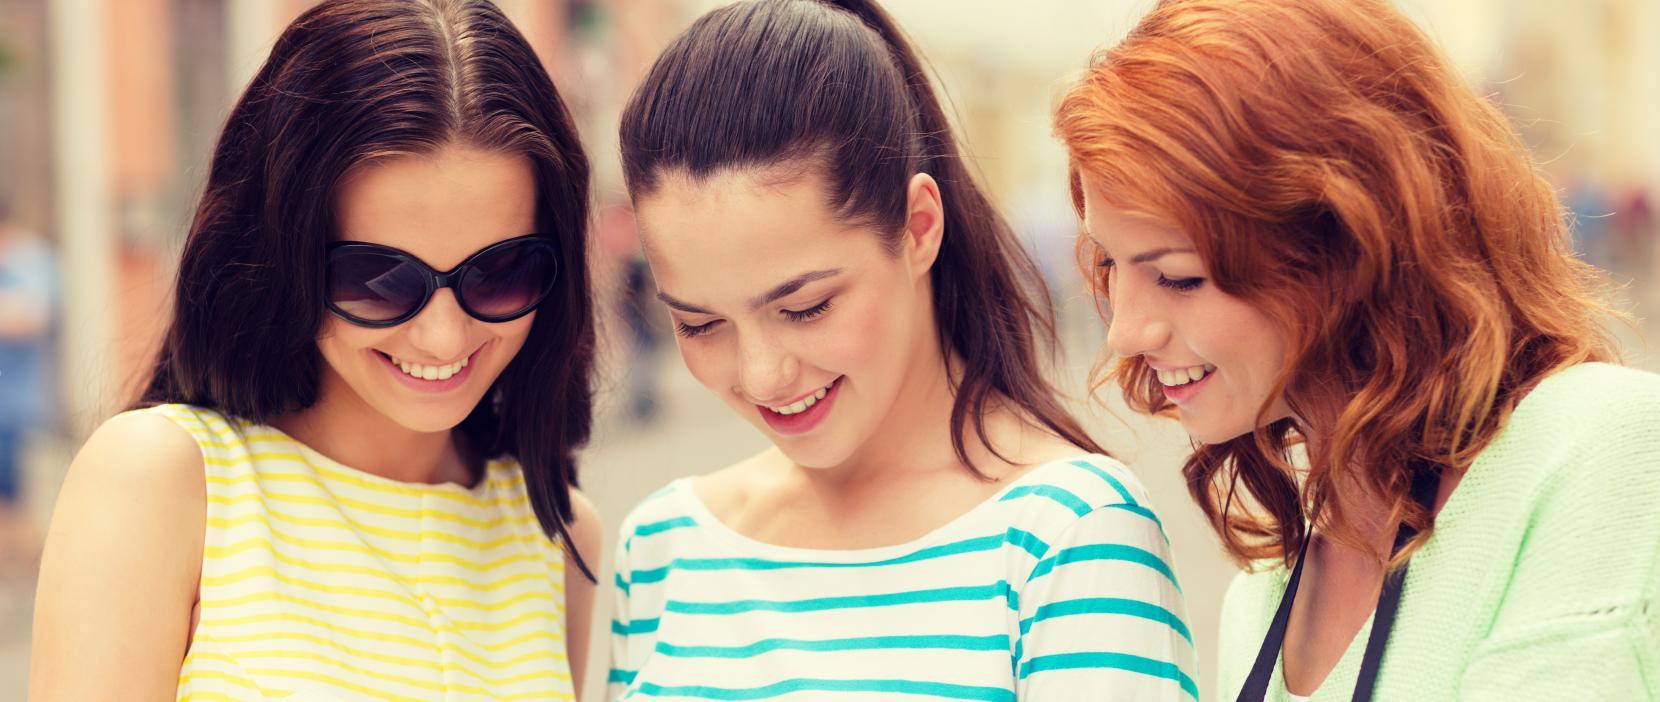 Unge piger vælger